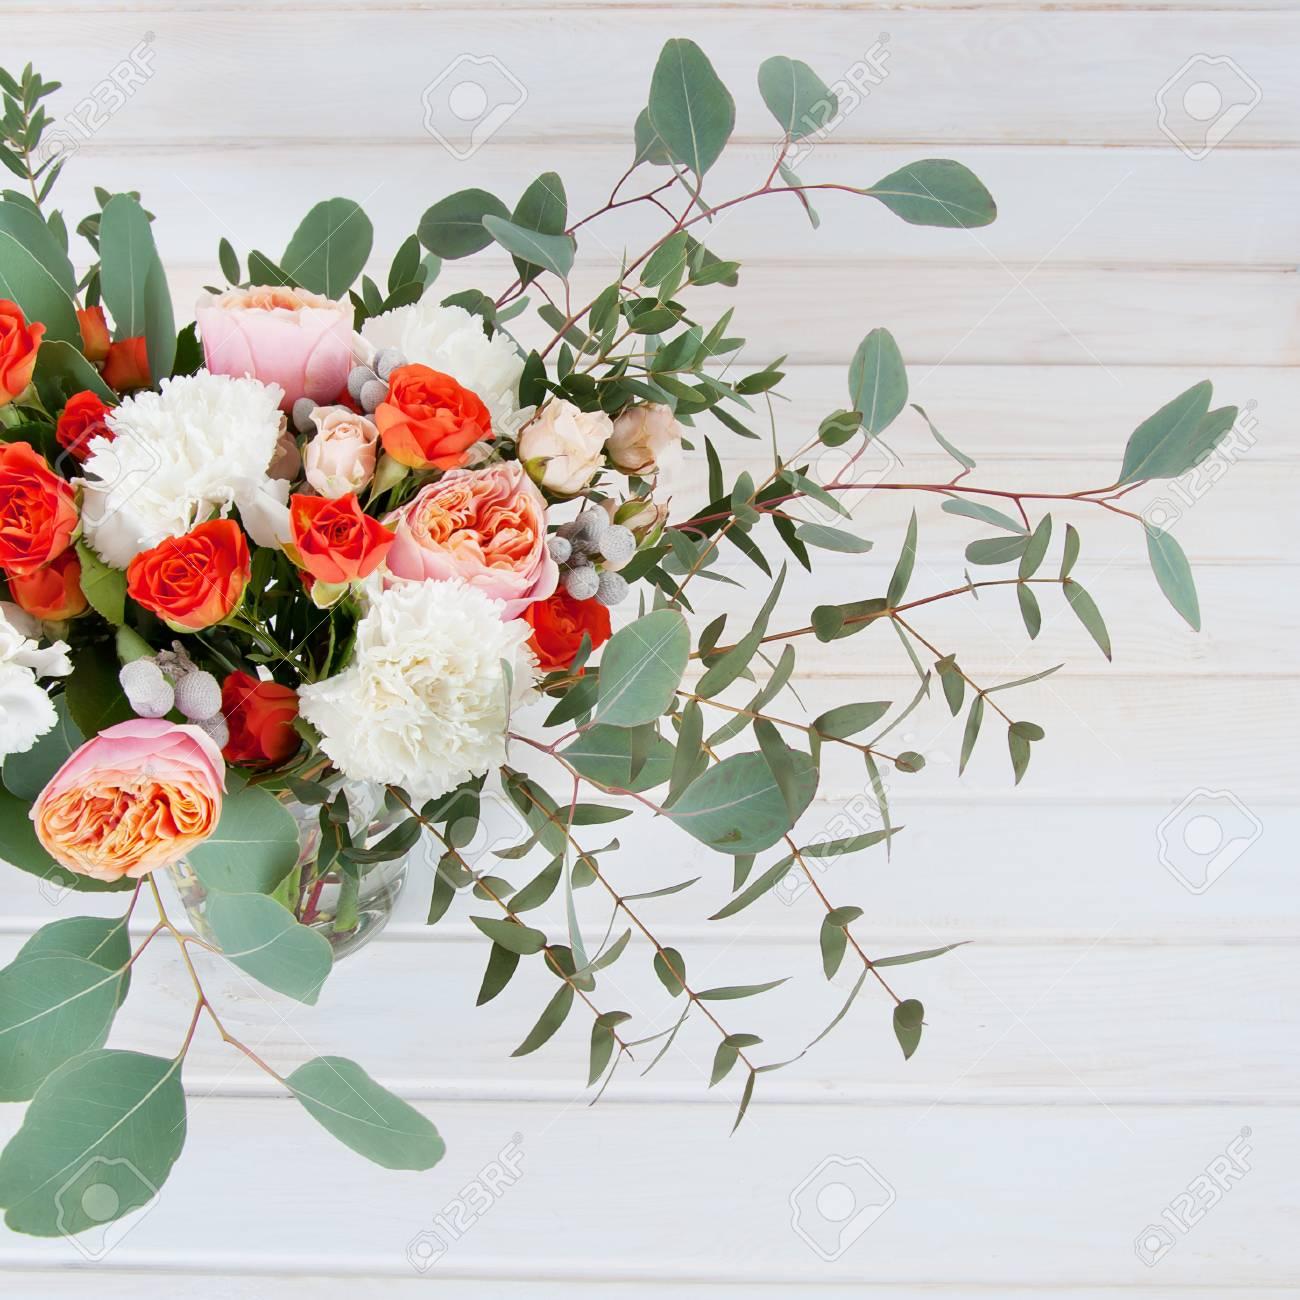 Feuille D Eucalyptus Bouquet magnifique bouquet de mariée en fleurs blanches et orange, ruban et  feuilles d'eucalyptus